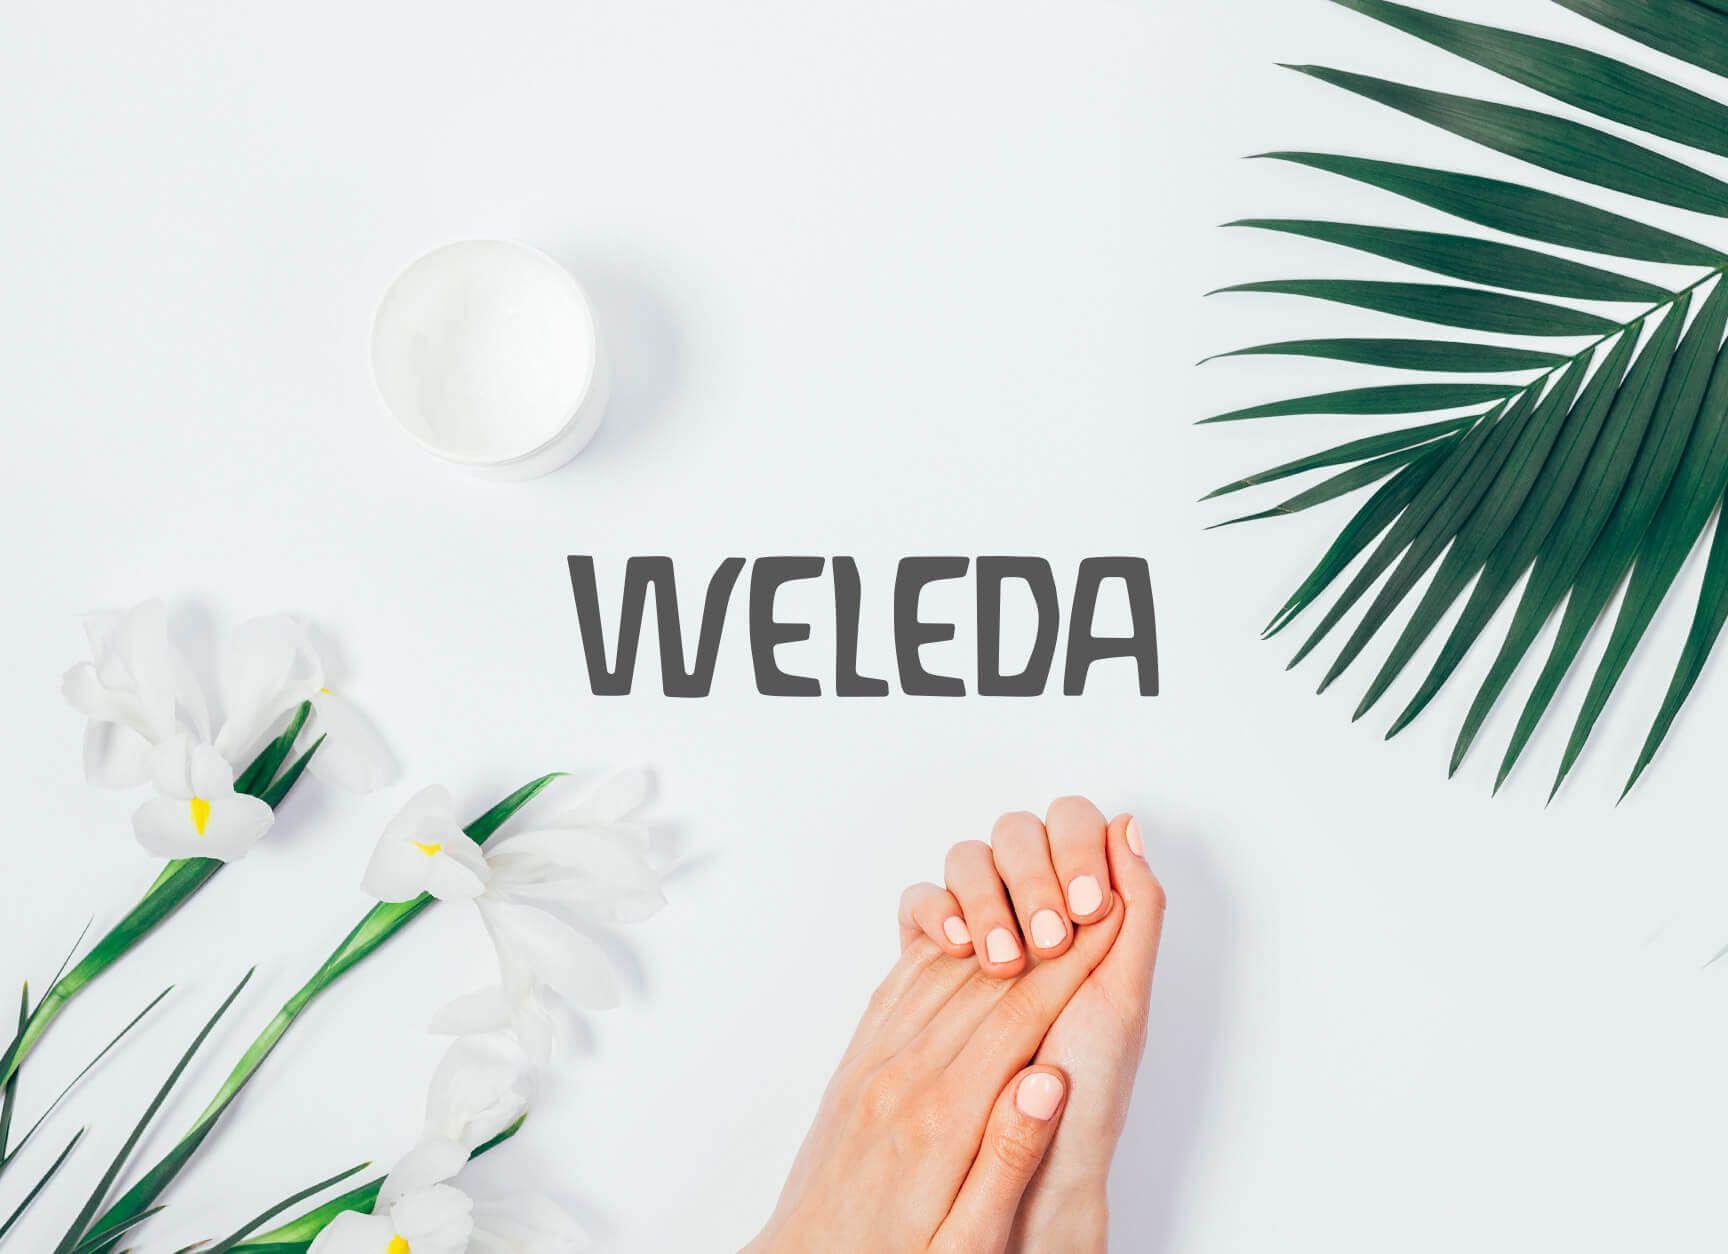 Weleda entwickelt mit diva-e globale Digitalstrategie für Commercial-Bereich